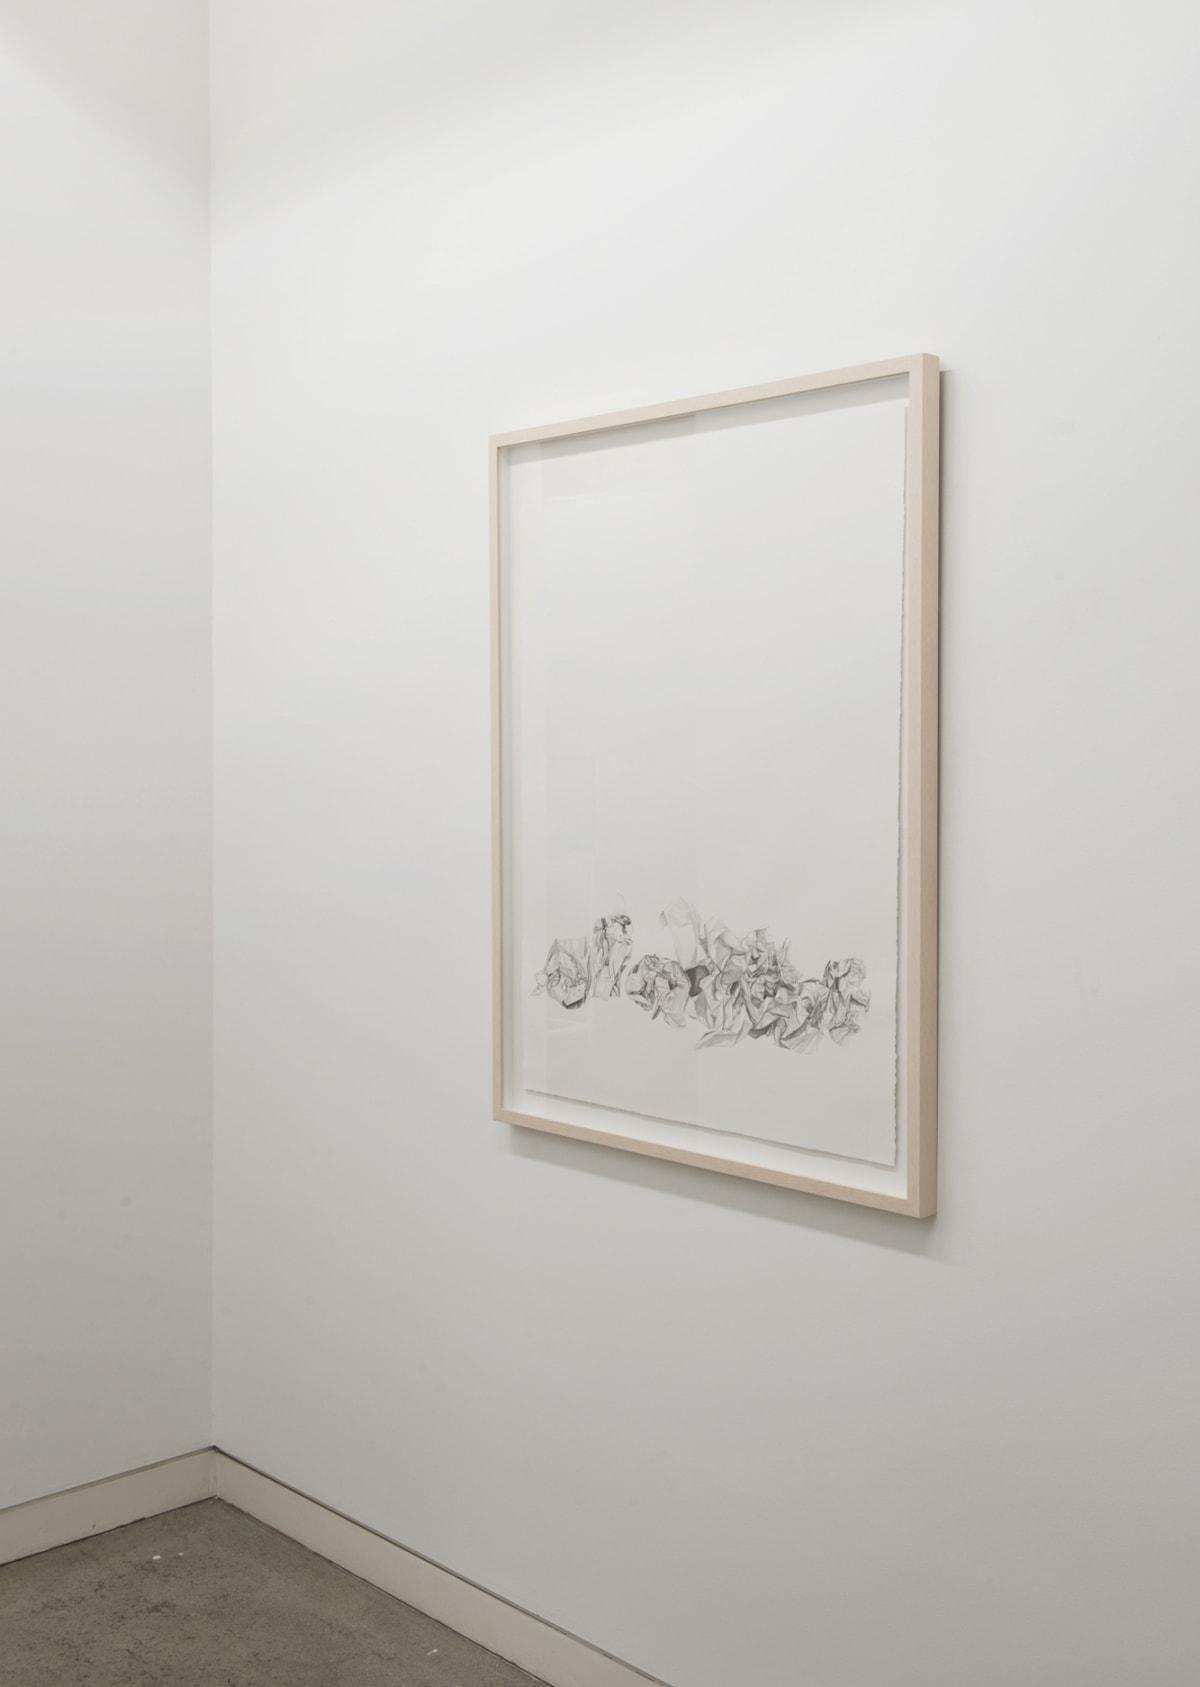 Marita Hewitt 2015 Install 2000Px 13